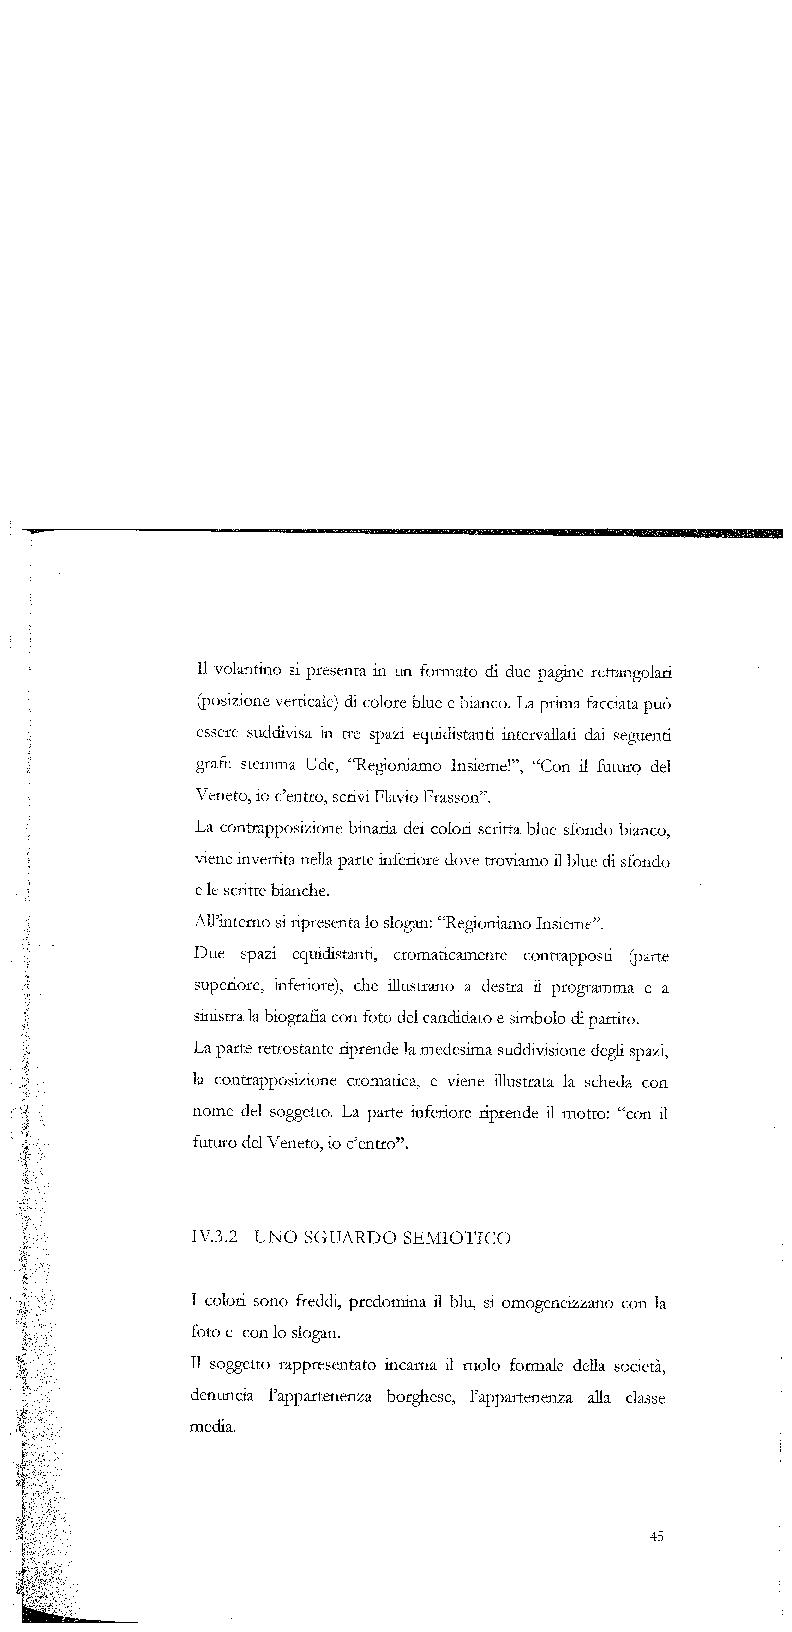 Anteprima della tesi: Strategie di persuasione elettorale durante le regionali 2005 in Veneto, Pagina 15